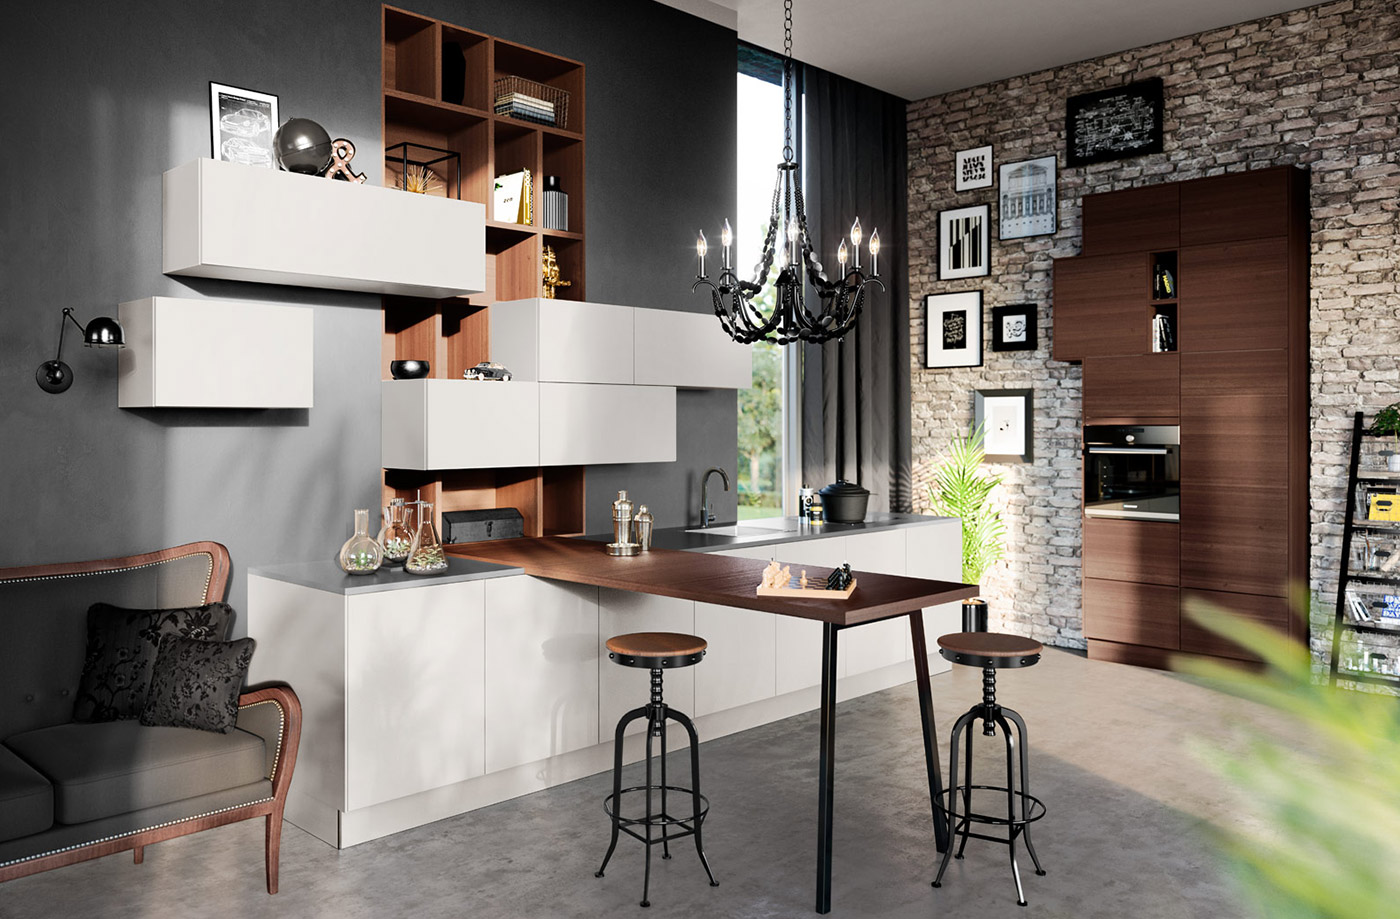 Küchen Lippold & Senke GmbH Dreieich | Küchen, Markenküchen und ...